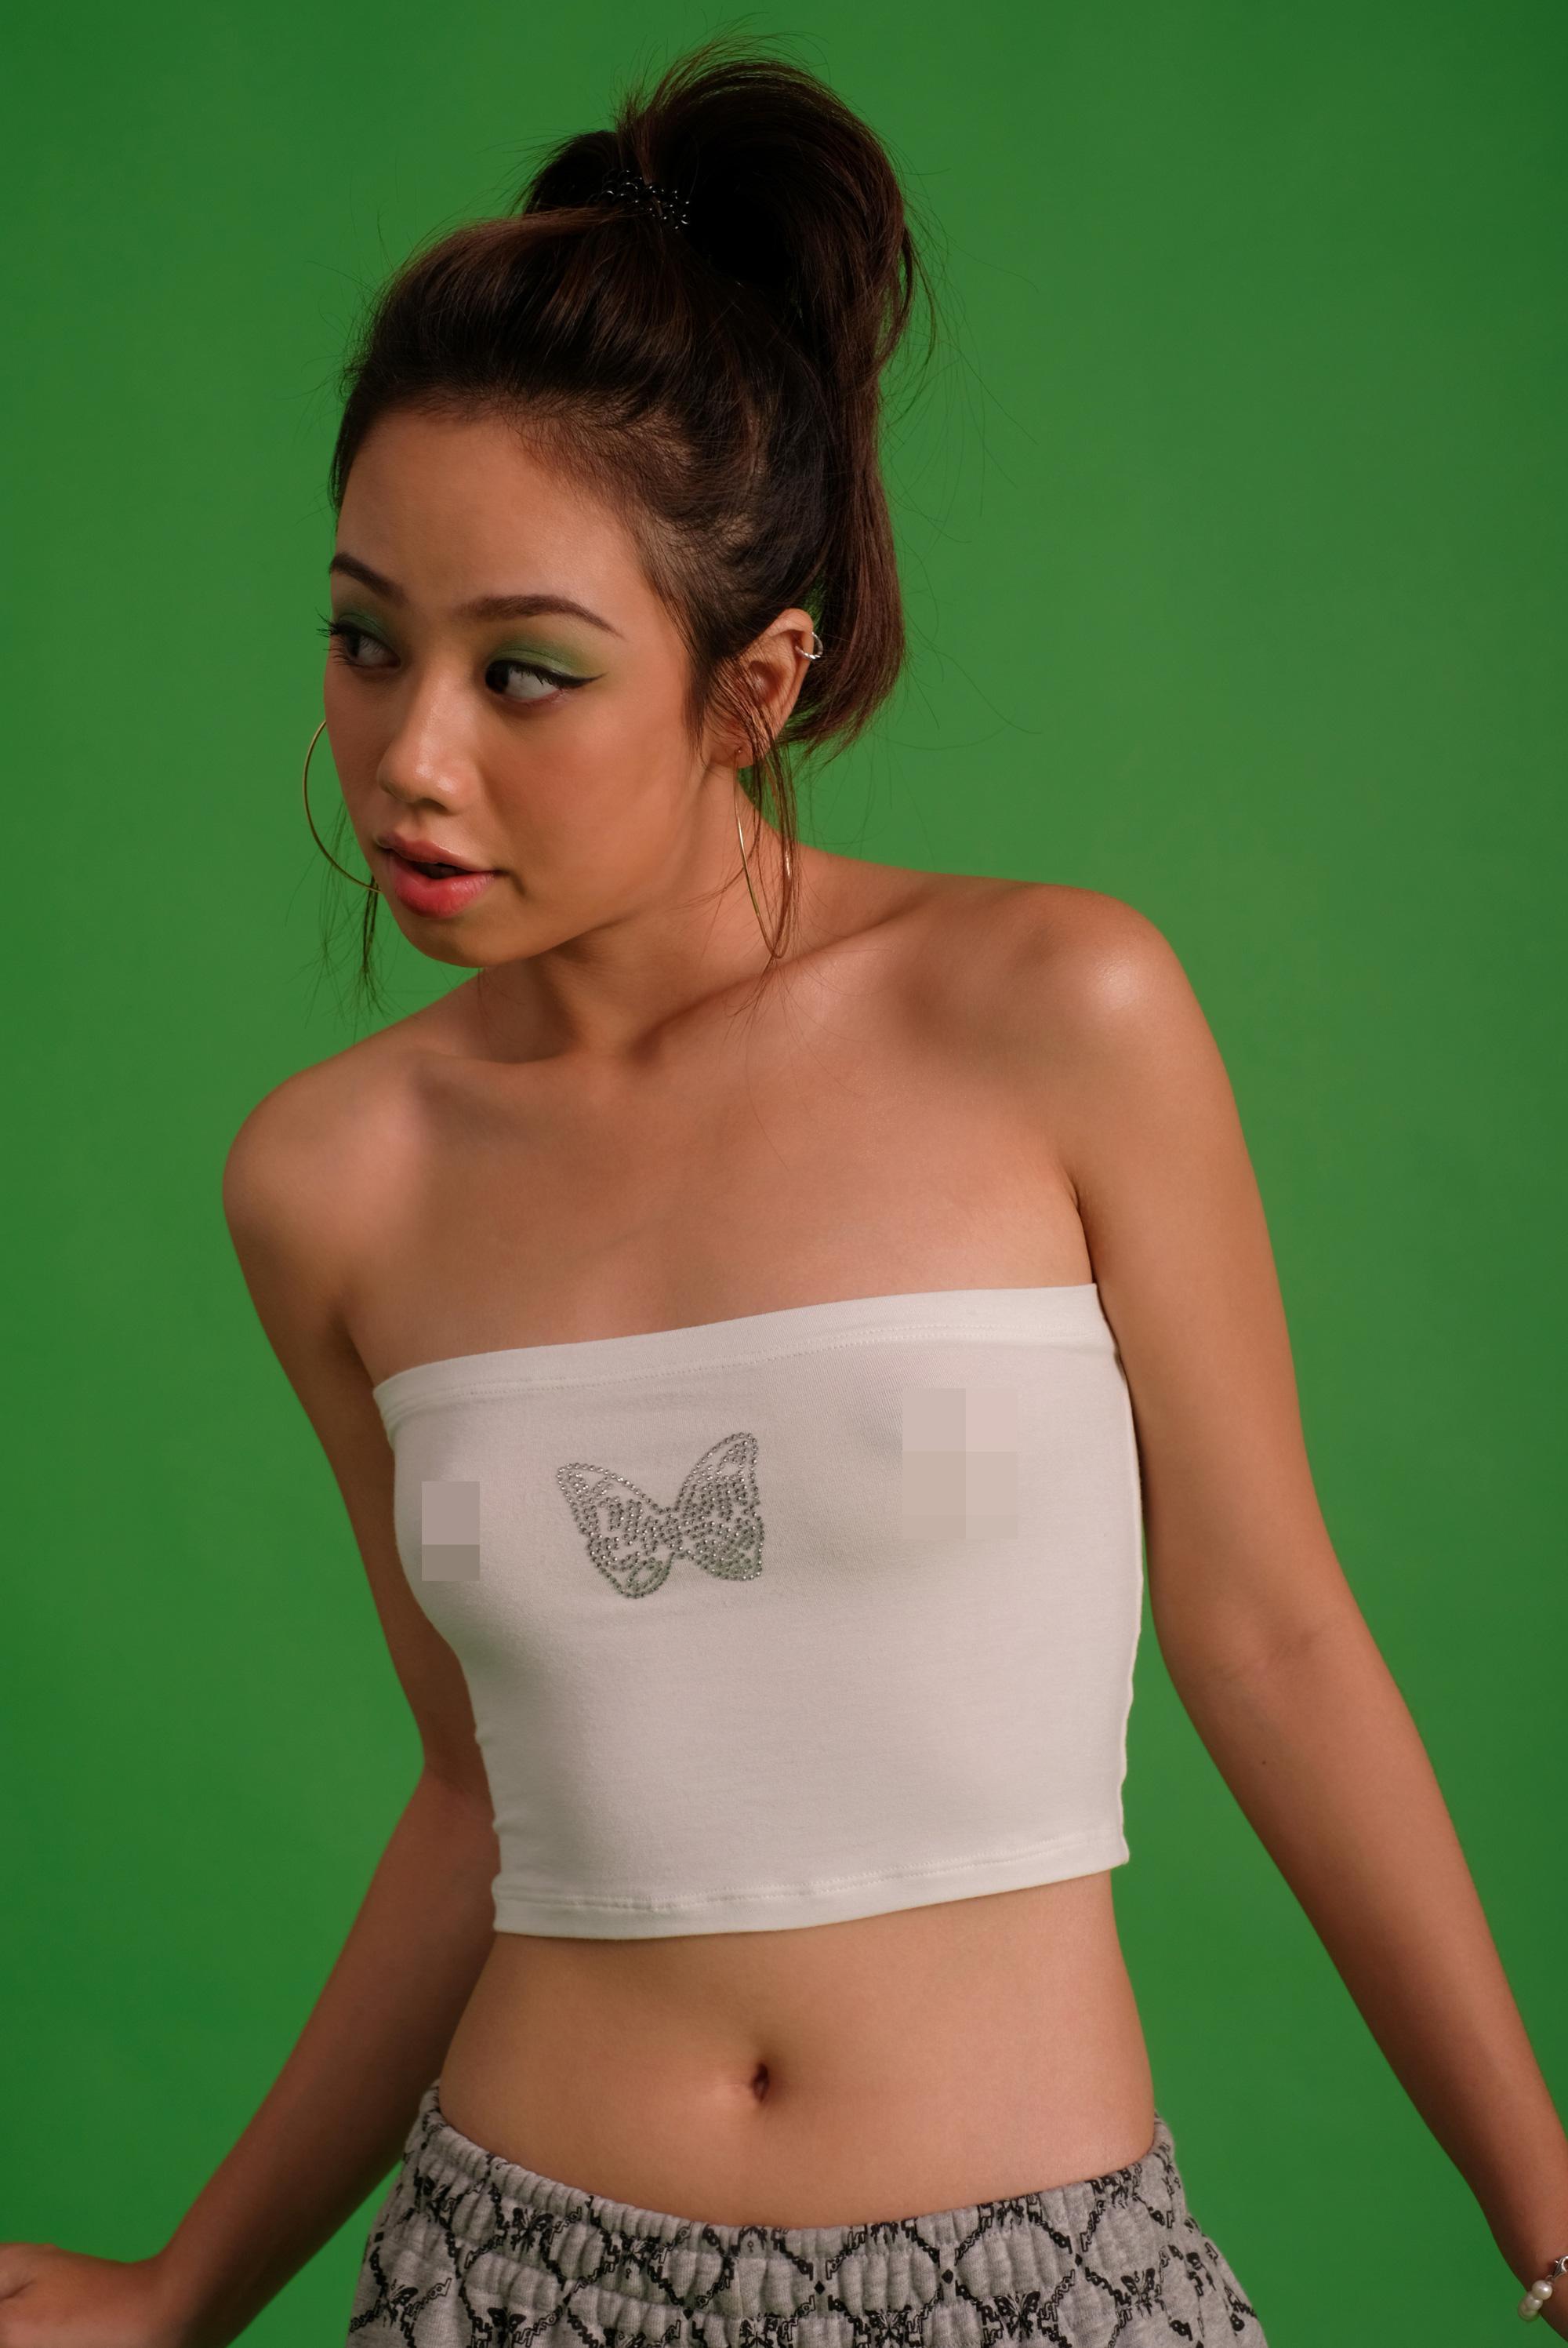 Bắt trend theo Jennie, Chi Pu… hội sành mặc phải sắm ngay các item hình bươm bướm để diện cho xinh và chuẩn mốt - Ảnh 10.